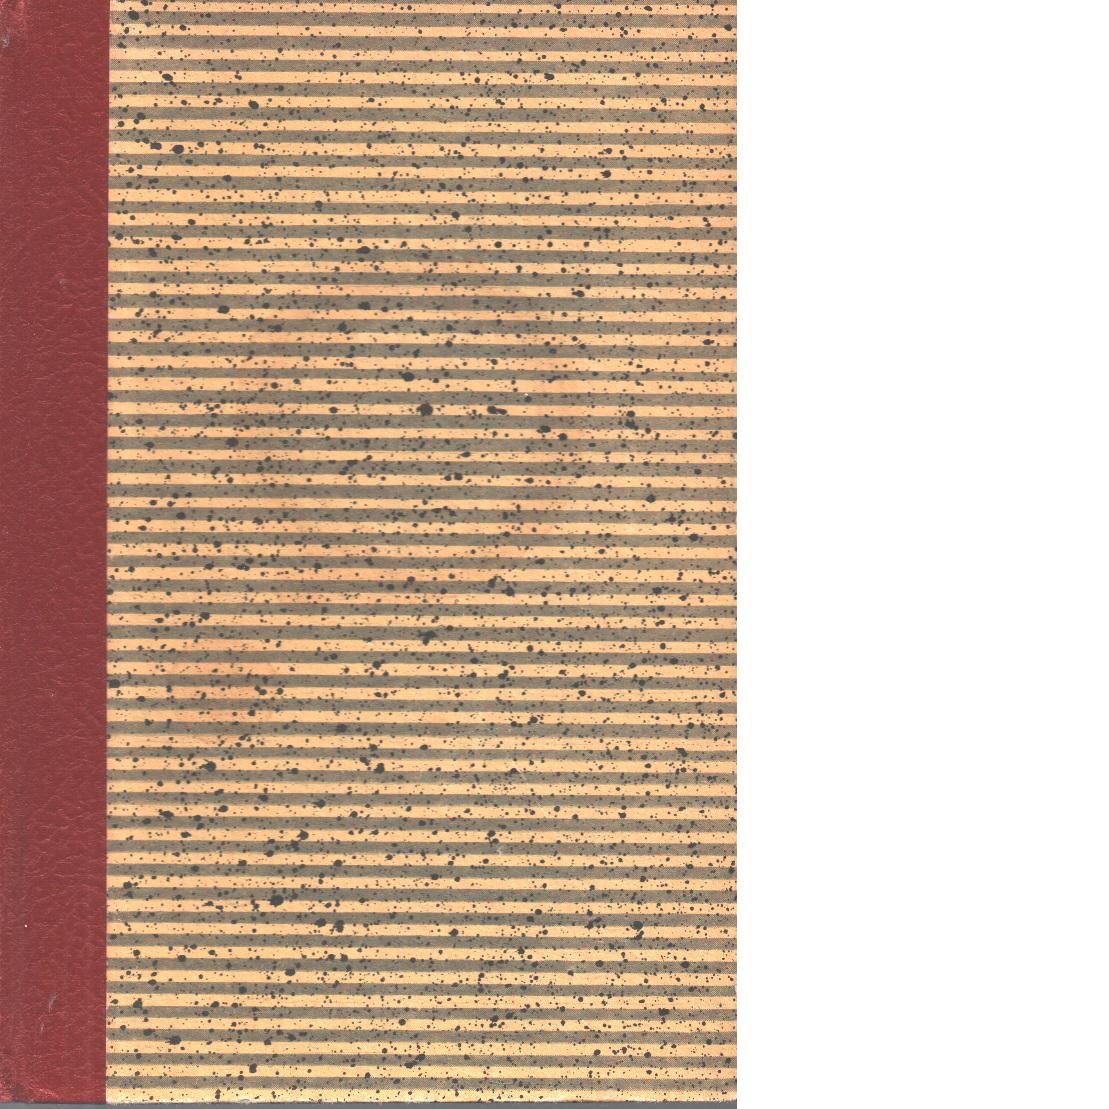 Den blå rullgardinen - Krusenstjerna, Agnes Von